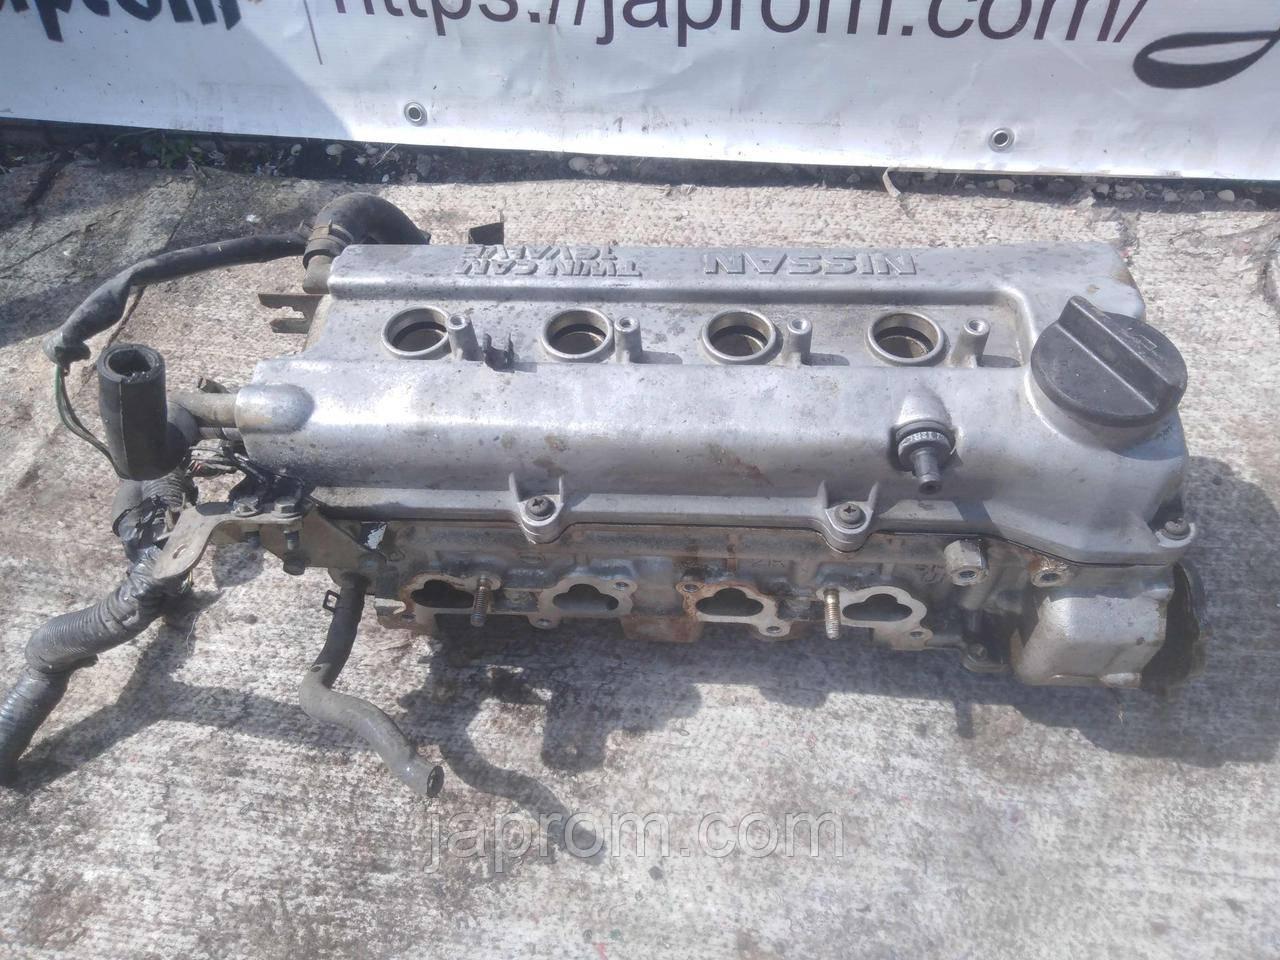 Головка блоку циліндрів (ГБЦ) Nissan Micra K11 2001р.в. CG10 на котушках